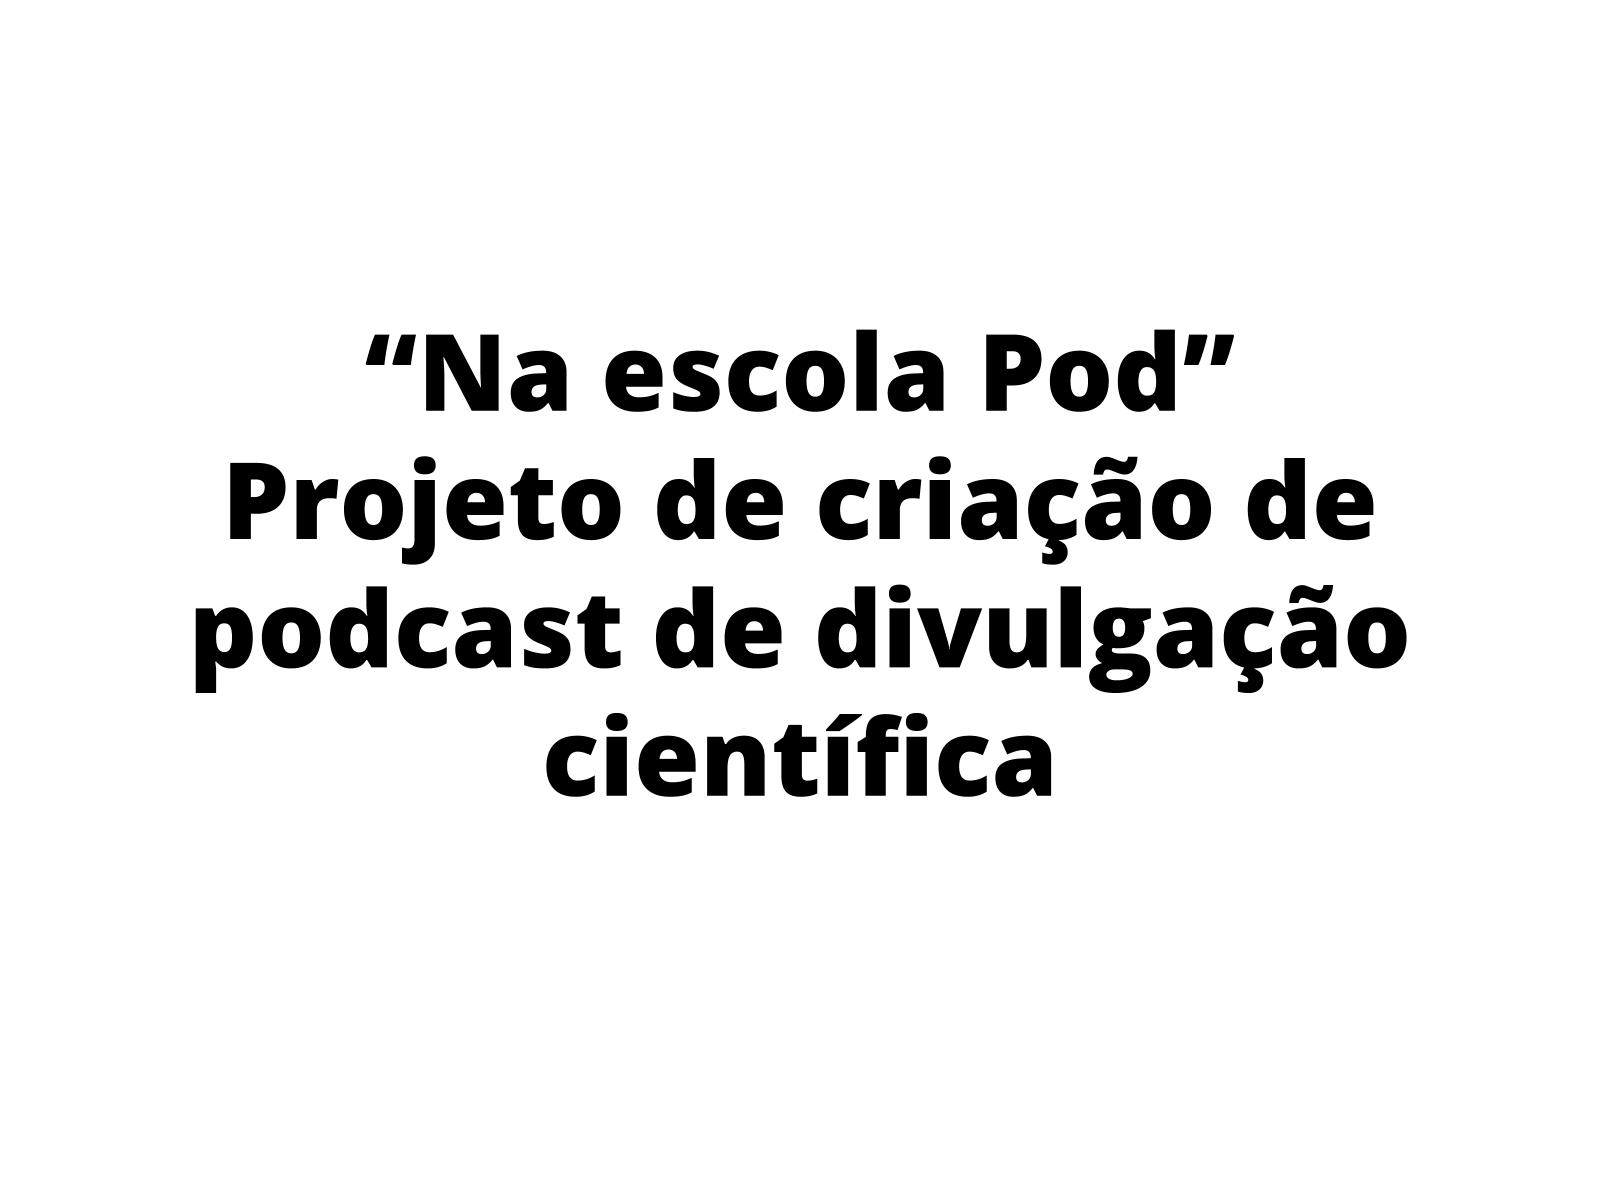 """Projeto do programa """"Na escola Pod"""" - Uma proposta de utilização de Podcasts de divulgação científica na escola."""